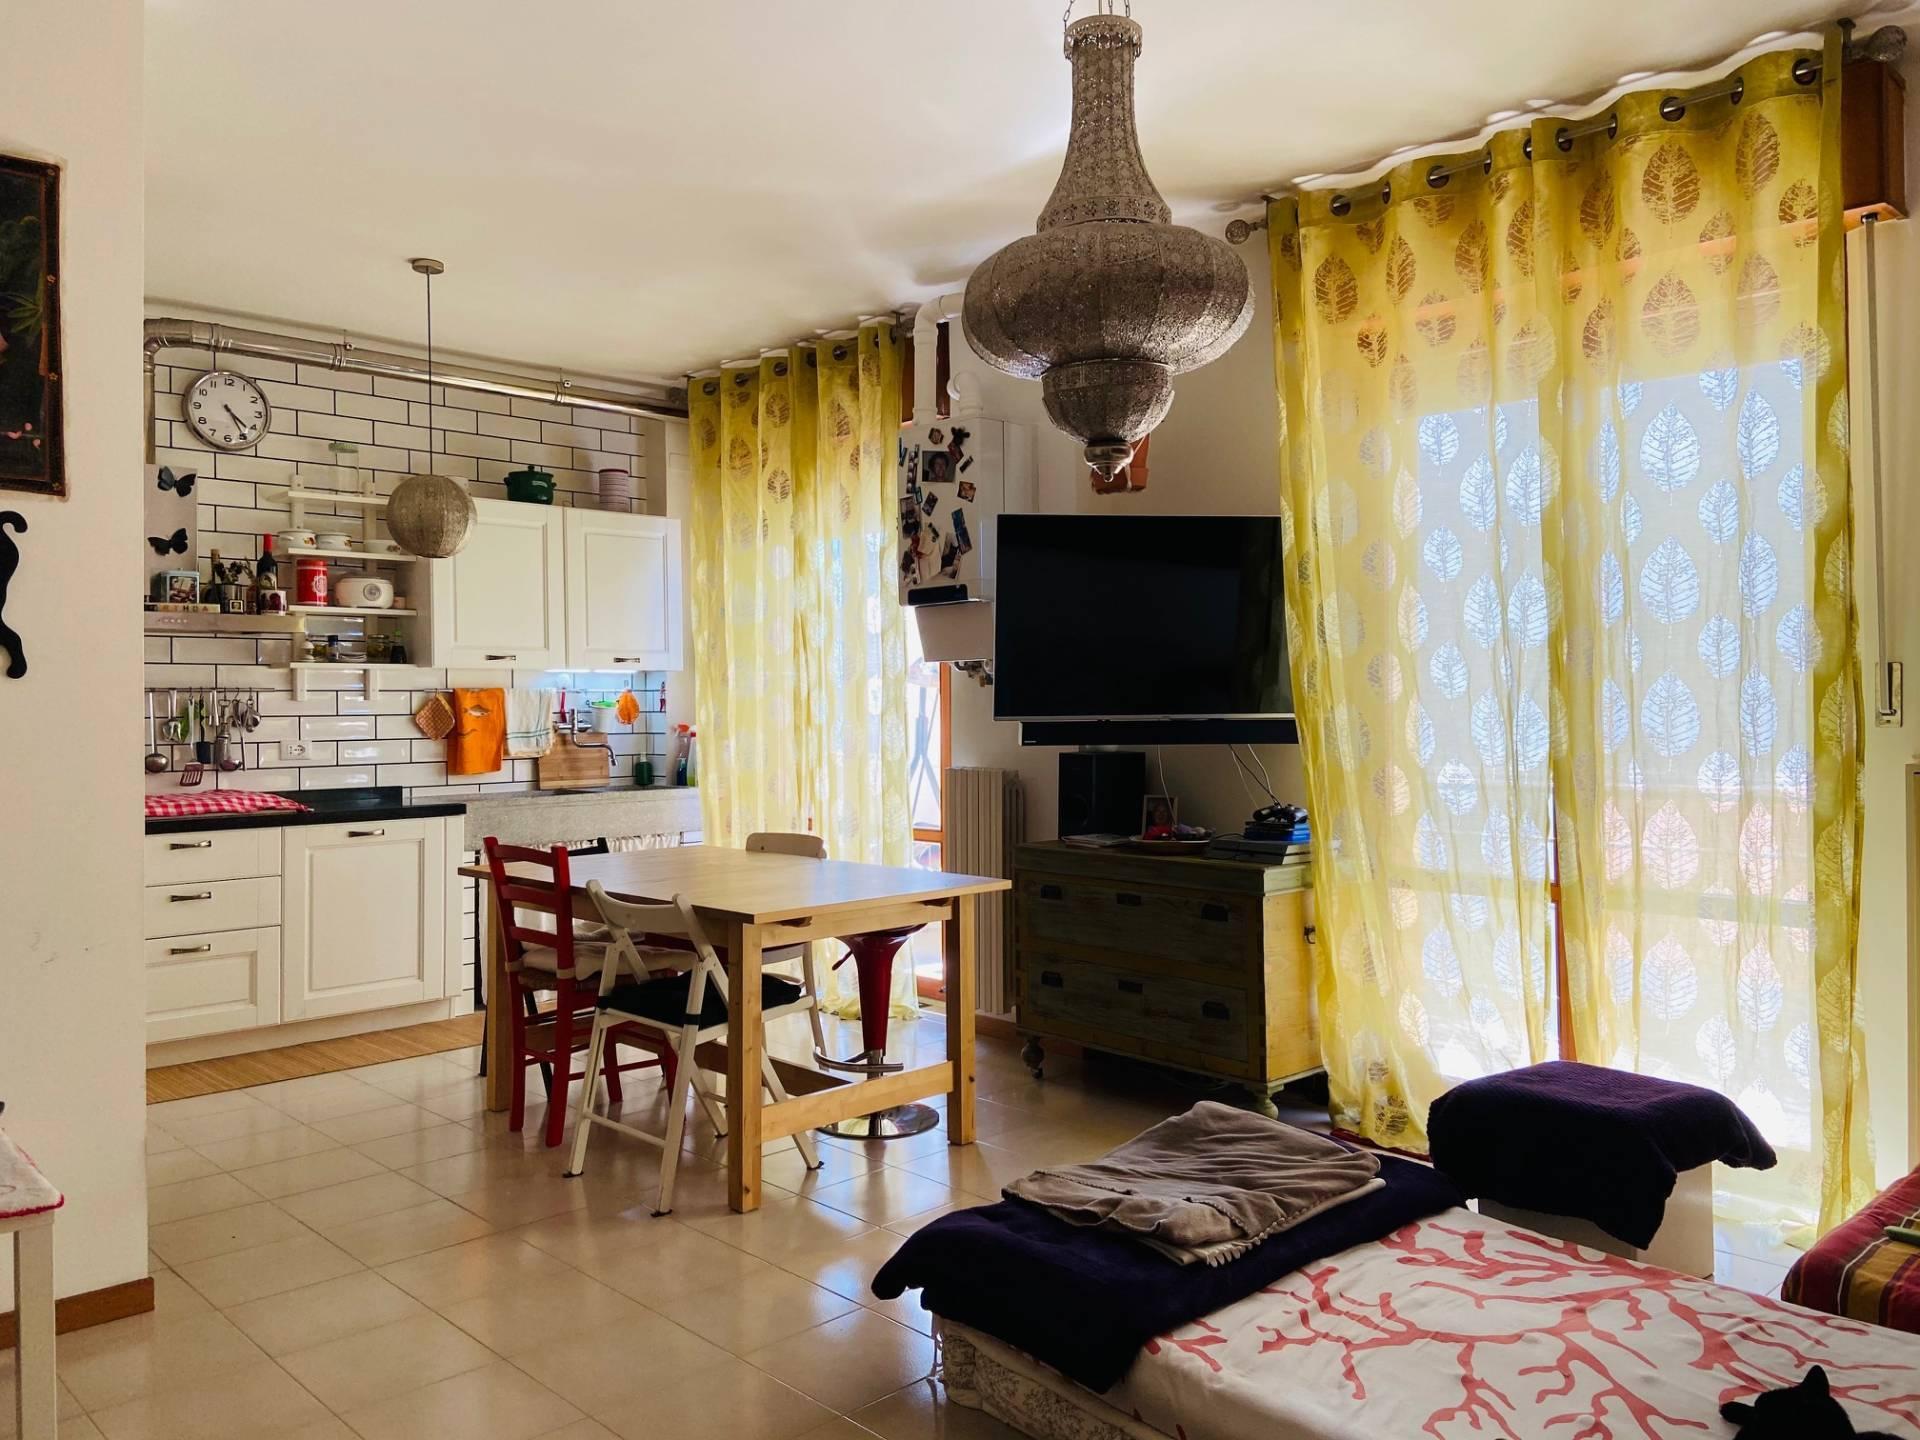 Attico / Mansarda in vendita a Montemarciano, 3 locali, zona Località: MarinadiMontemarciano, prezzo € 90.000 | PortaleAgenzieImmobiliari.it